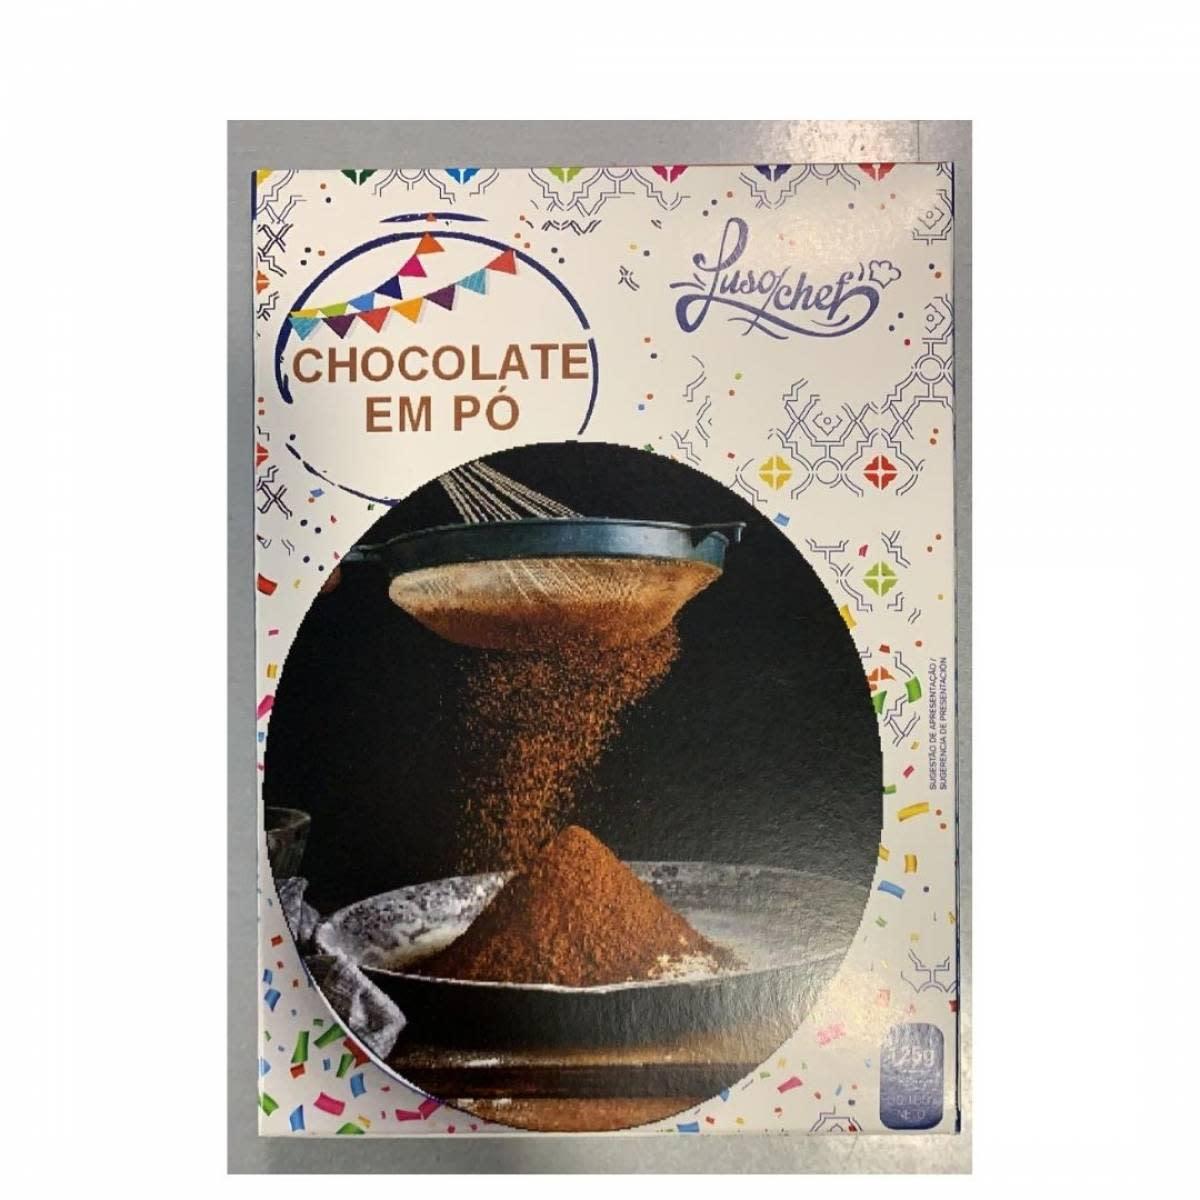 Chocolate em Pó 125 g – Lusochef